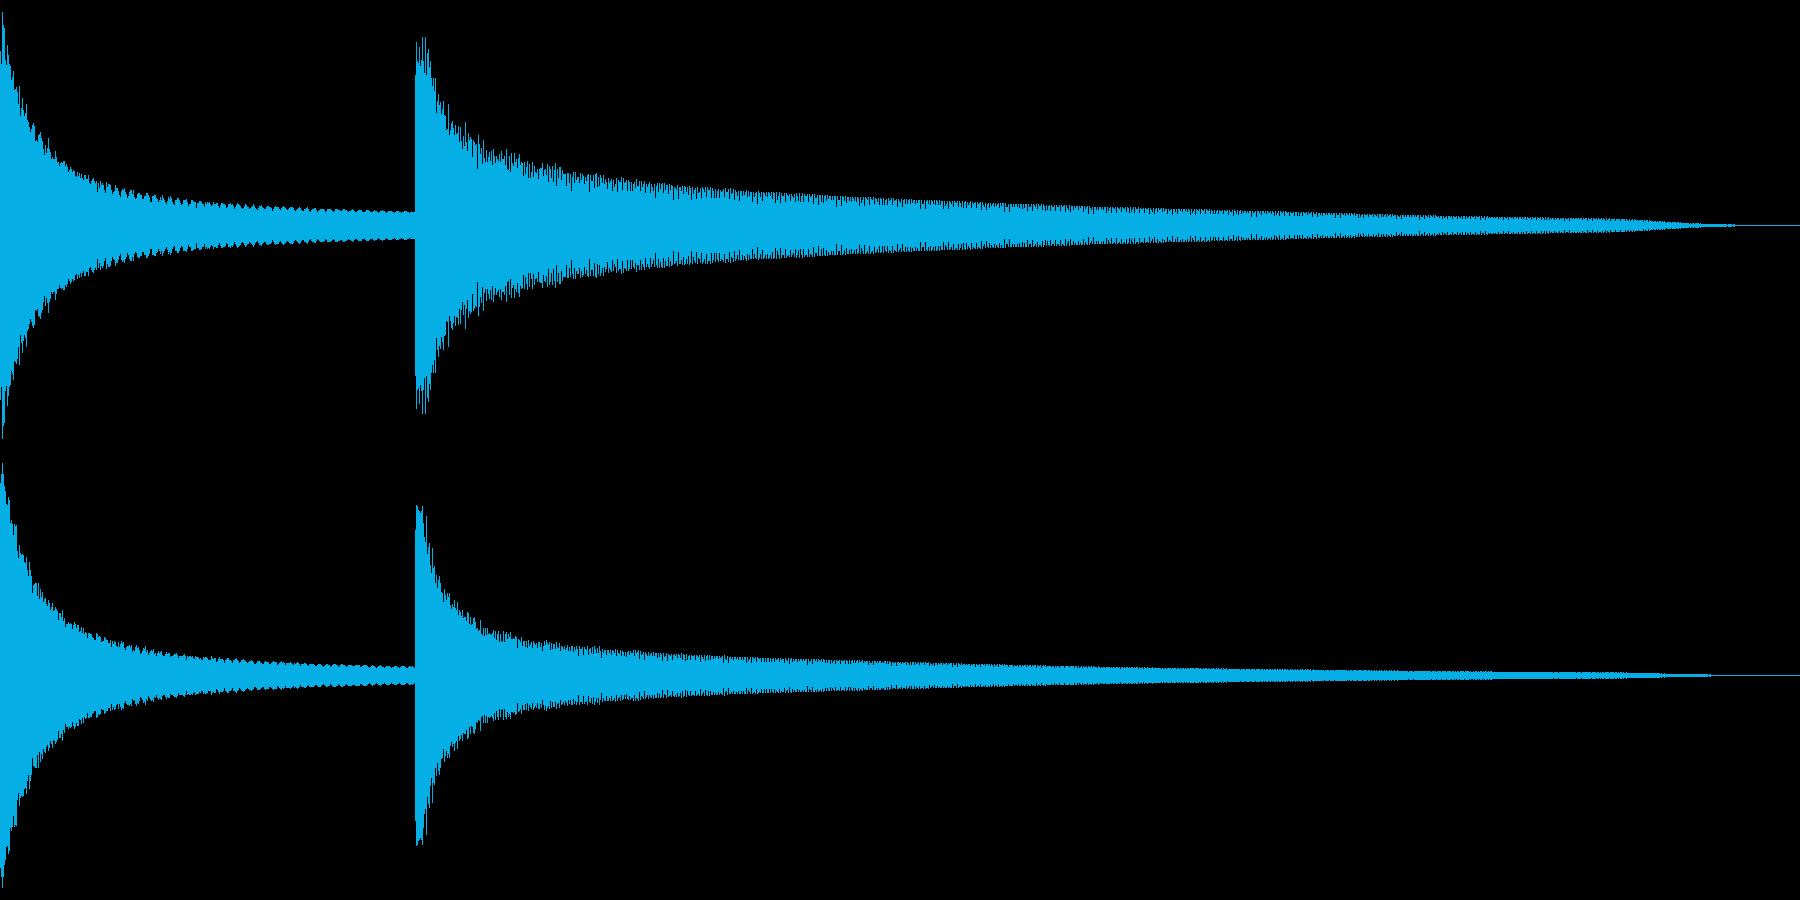 キンコーン 低め(注意喚起など) 鉄琴風の再生済みの波形